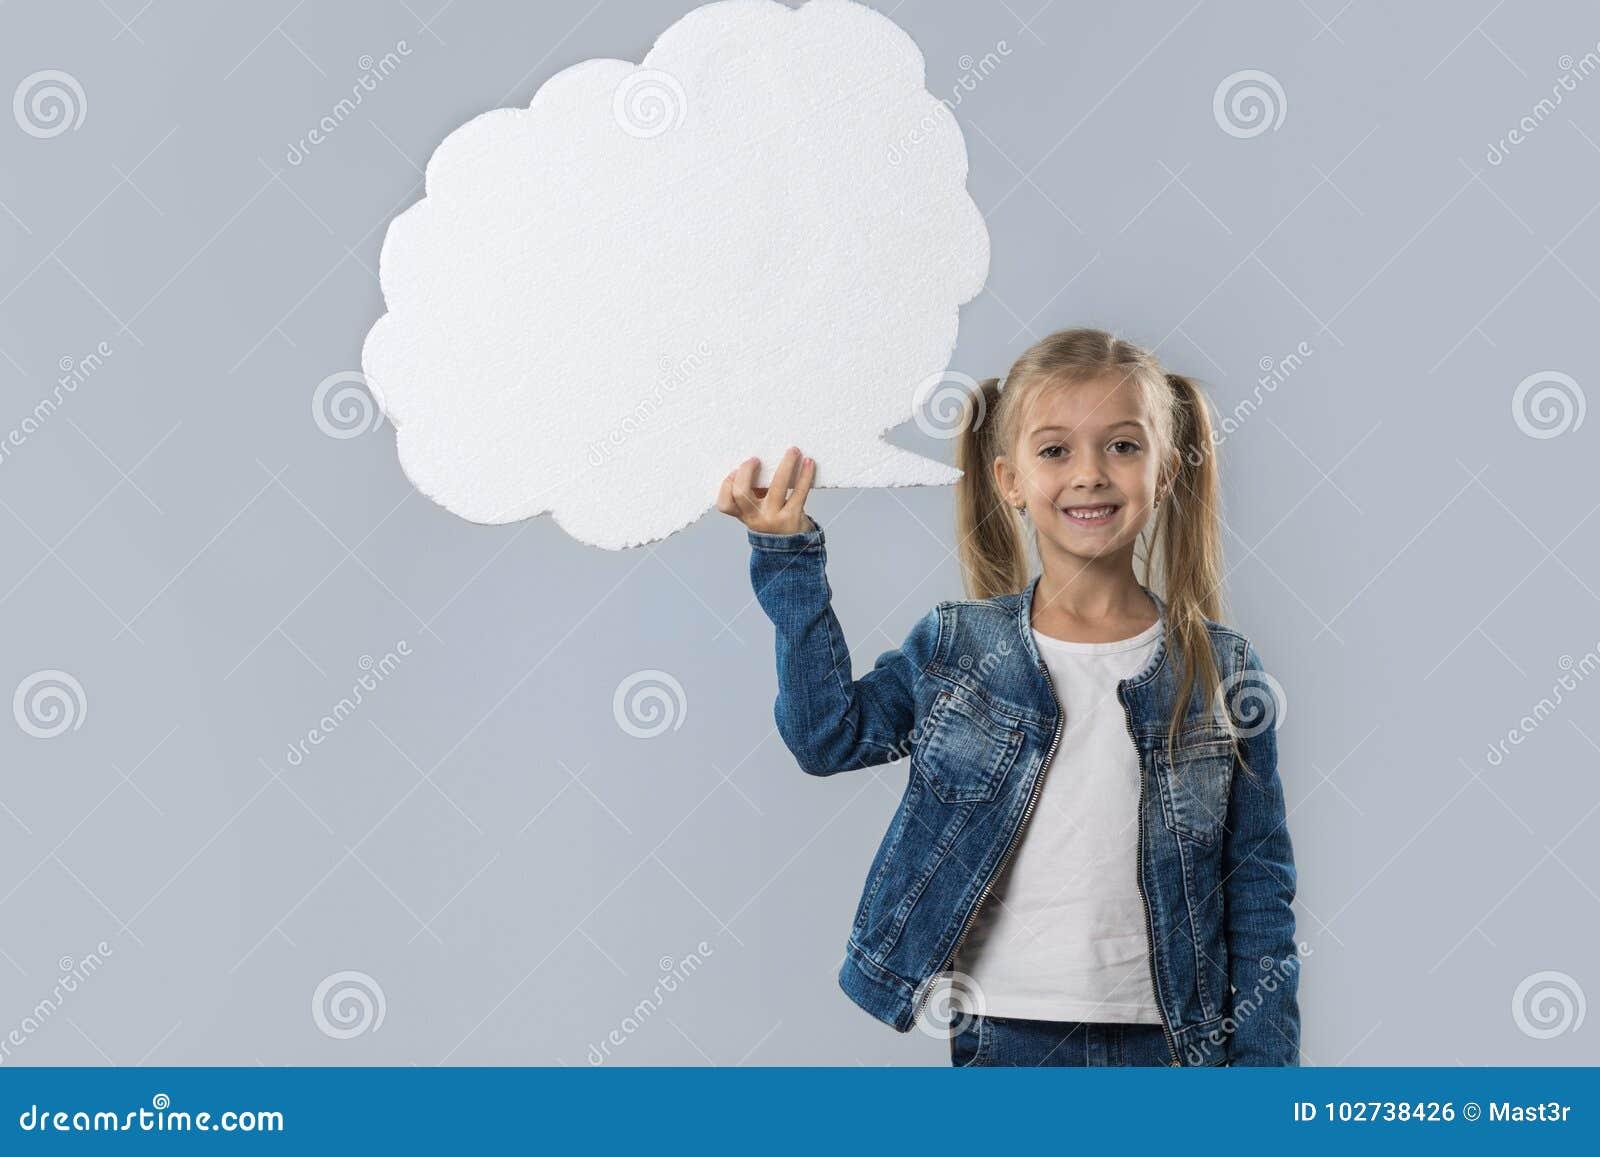 Revestimento branco de sorriso feliz das calças de brim do desgaste do espaço da cópia da nuvem da menina bonita isolado